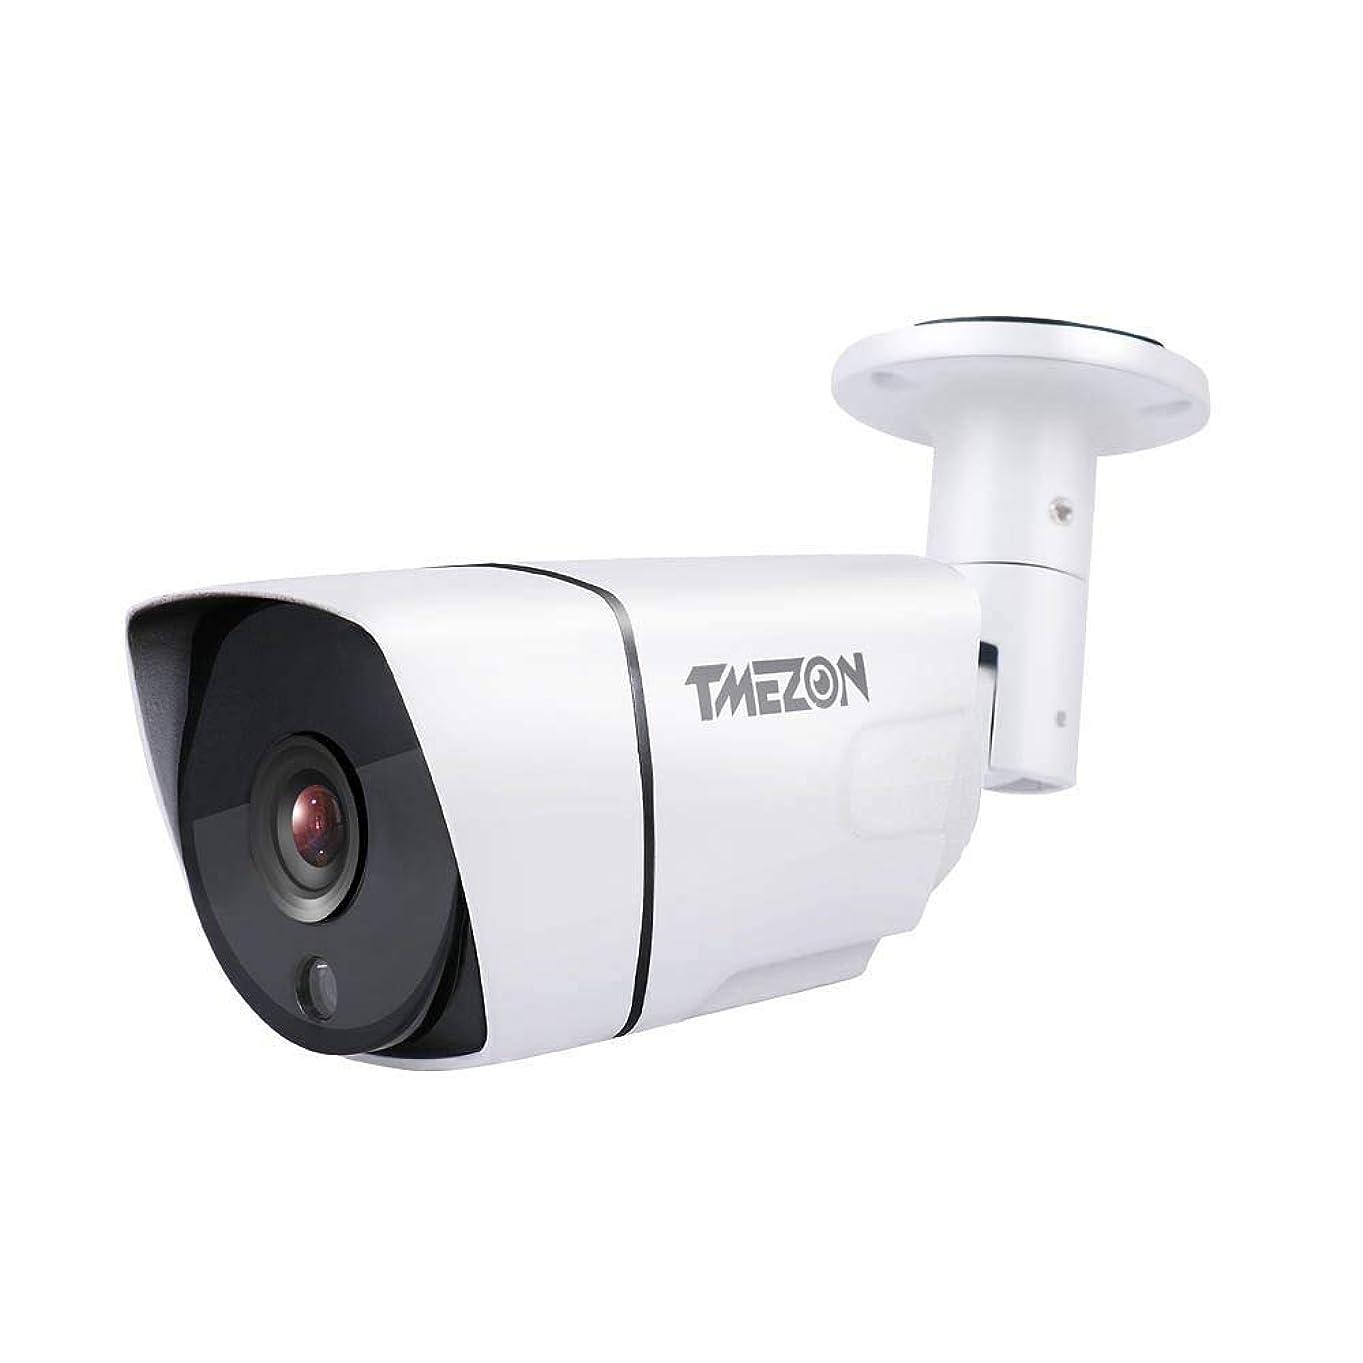 偽善不機嫌エキゾチックTMEZON AHD防犯カメラ 400万画素 赤外線LED36個 3.6MM固定レンズ 夜間撮影機能 防水 監視カメラ 増設用 単品